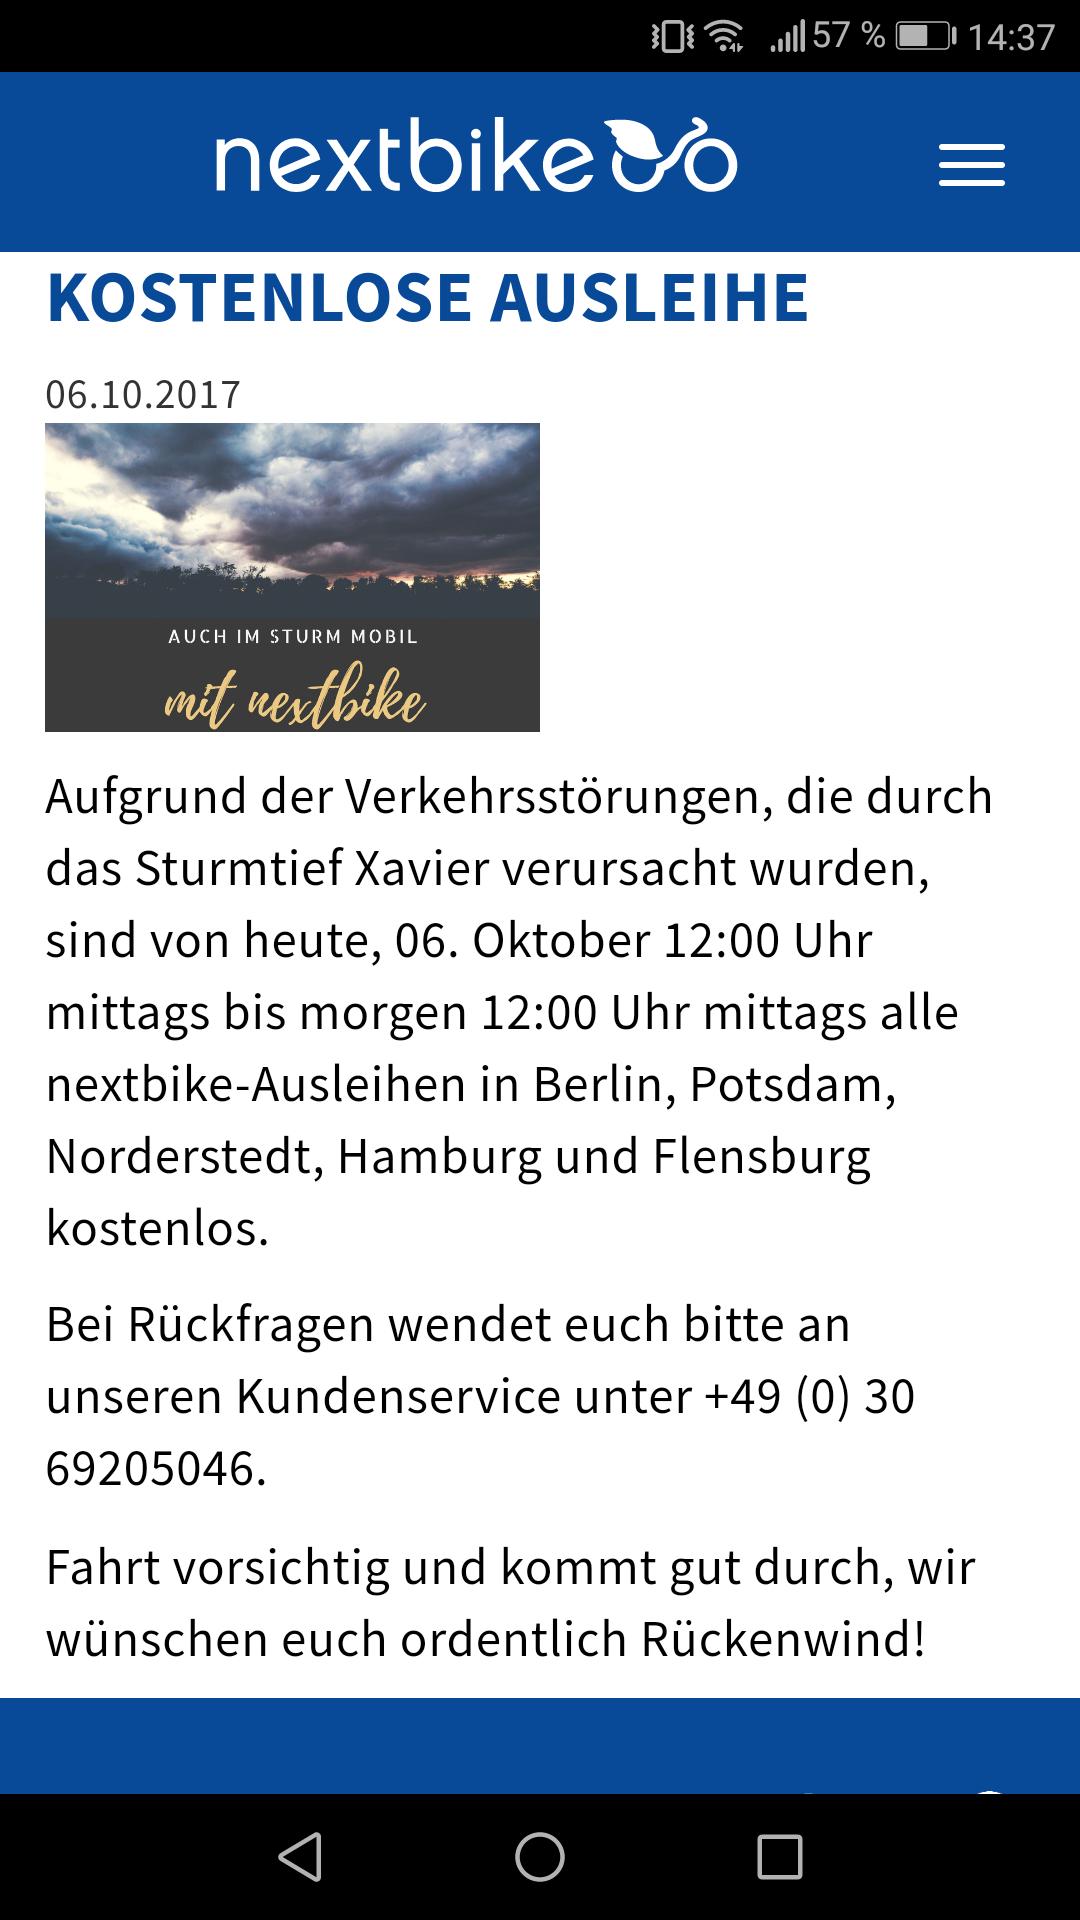 Nextbike kostenlos!!! Lokal: Berlin, Potsdam, Norderstedt, Hamburg und Flensburg